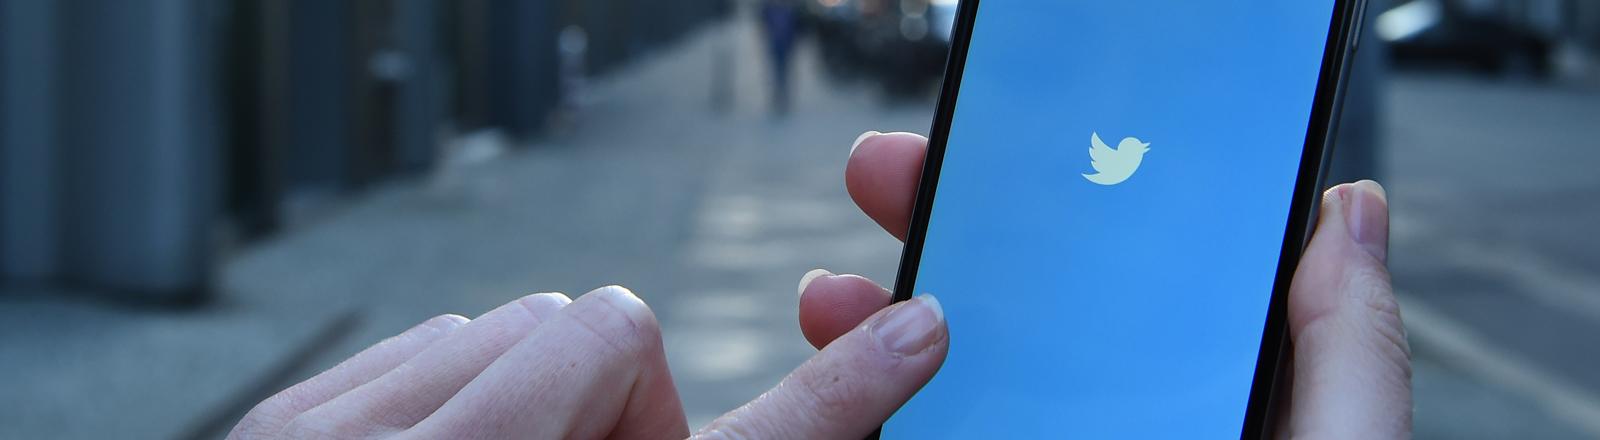 """Auf dem Display eines iphone 6 wird am 20.03.2015 die App """"Twitter"""" als icon angezeigt."""